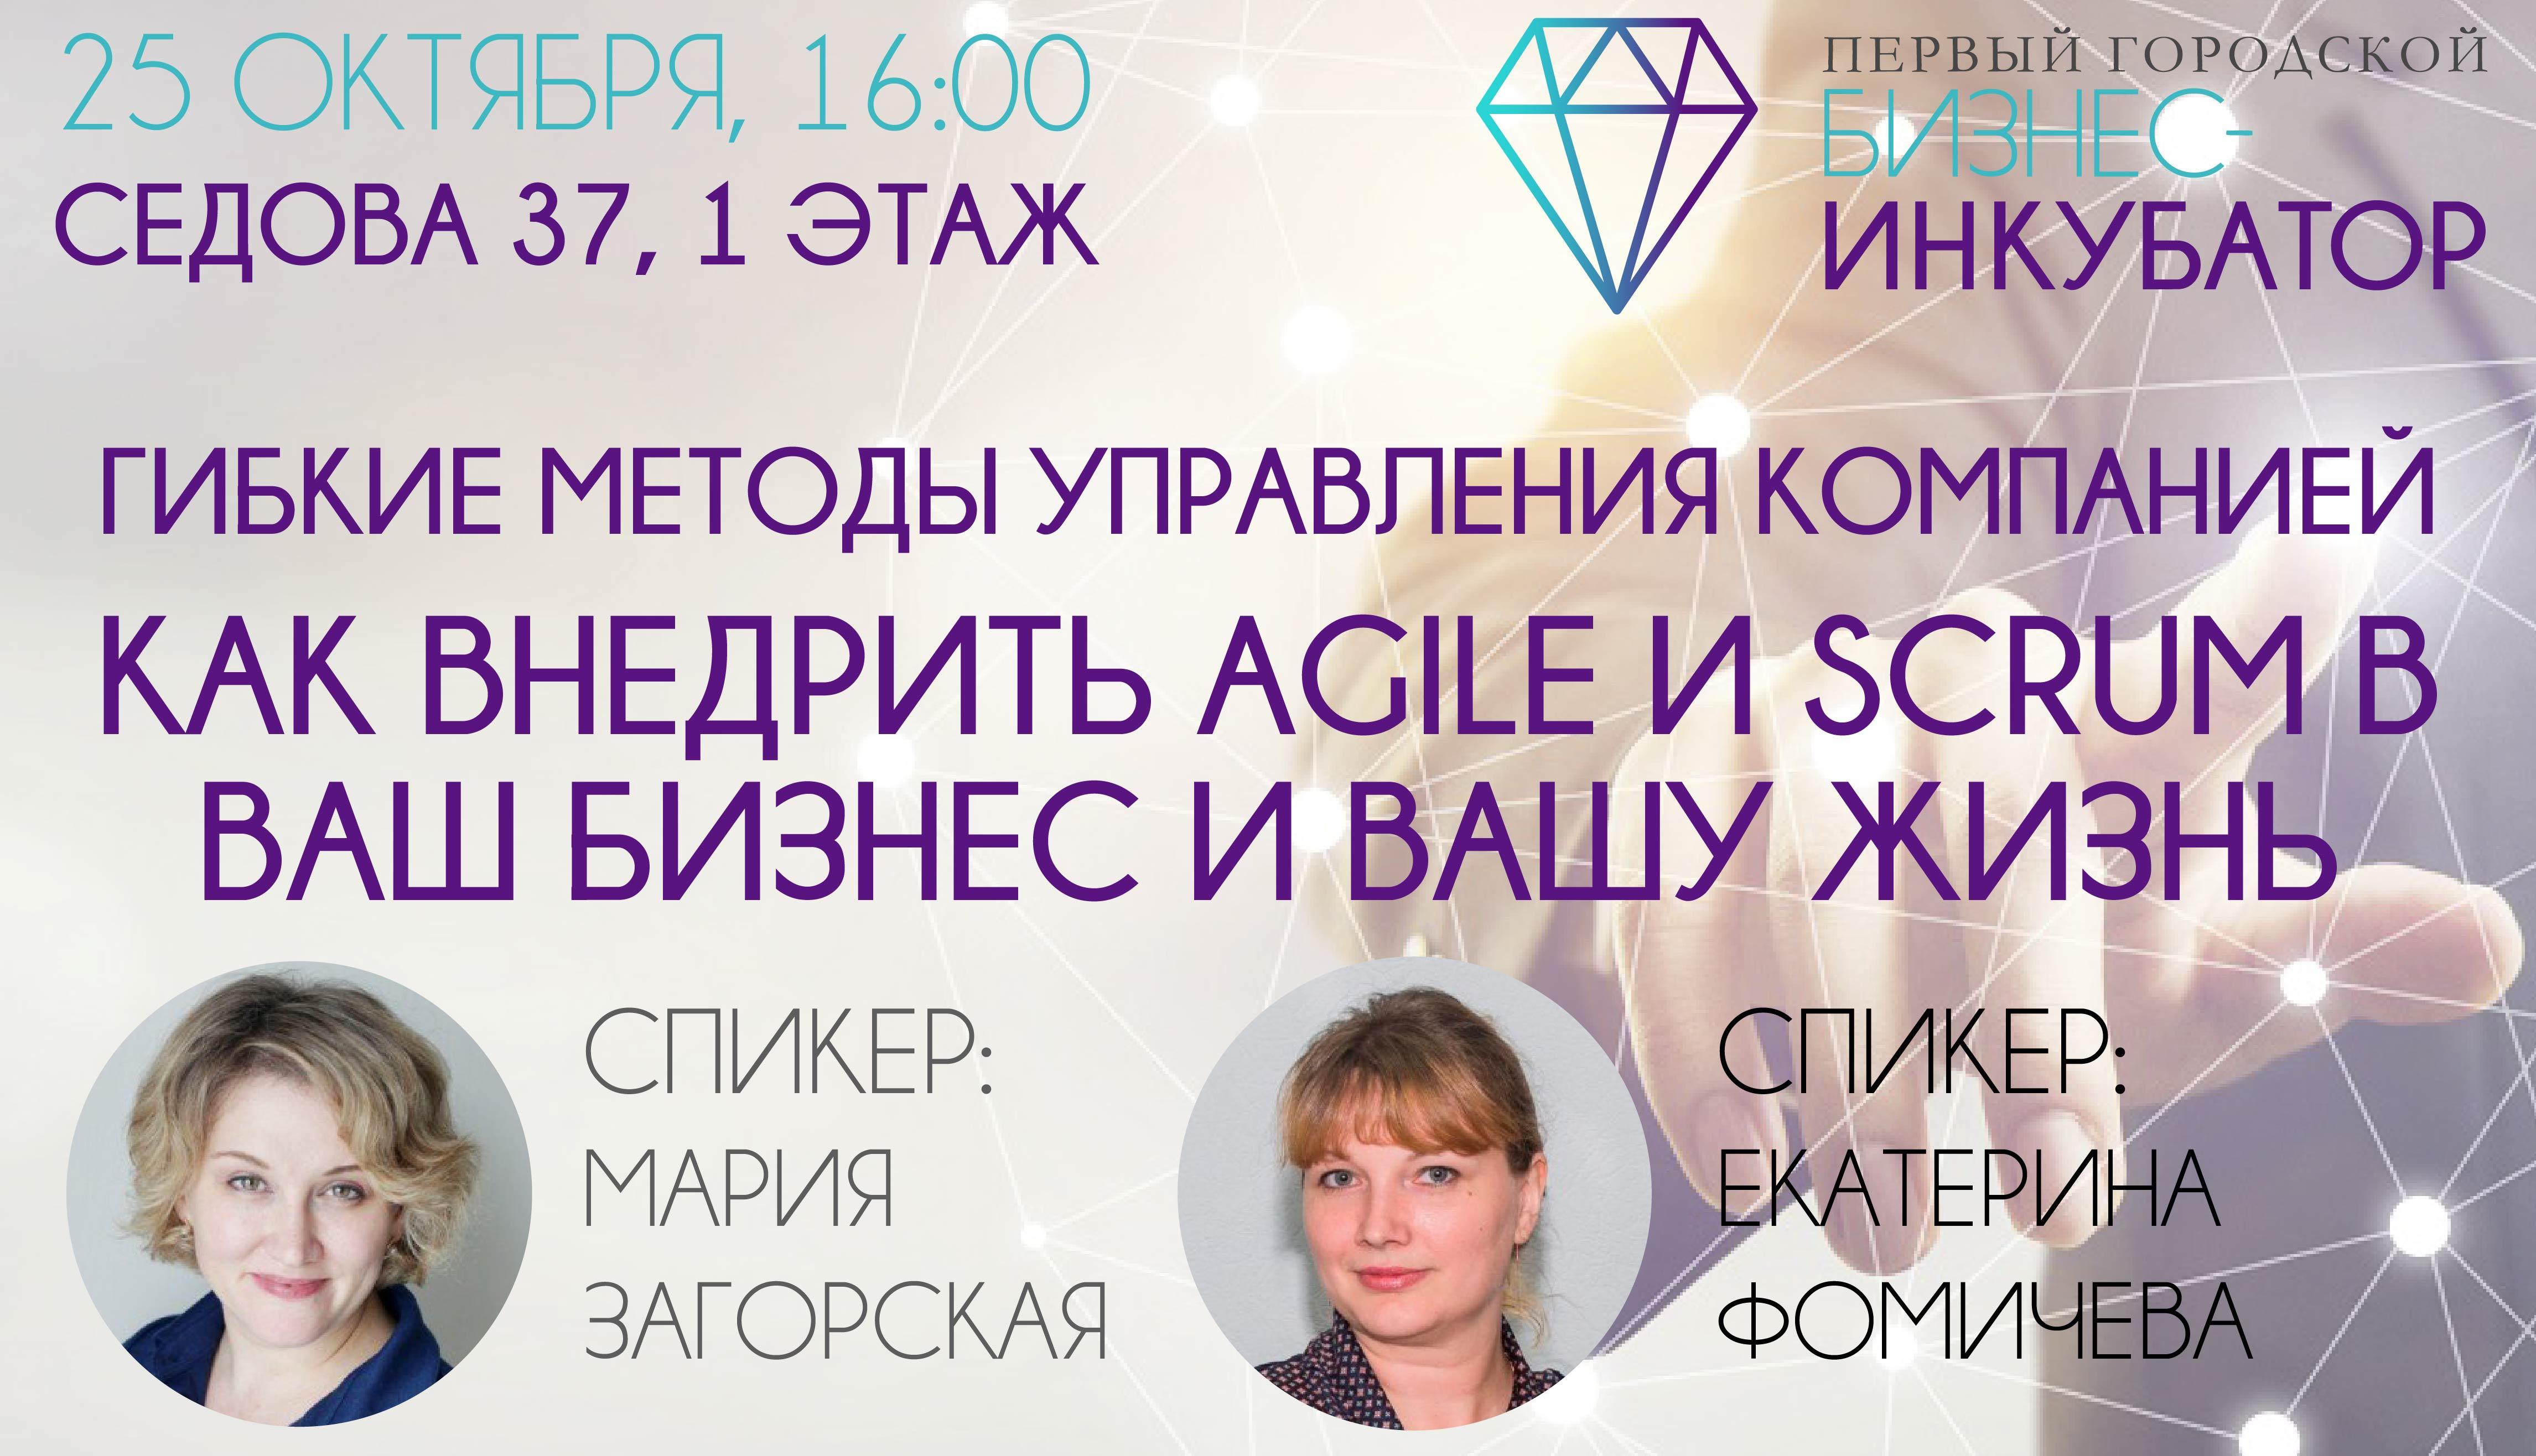 Бесплатный семинар «Гибкие методы управления компанией: Как внедрить Agile и Scrum в ваш бизнес и вашу жизнь»